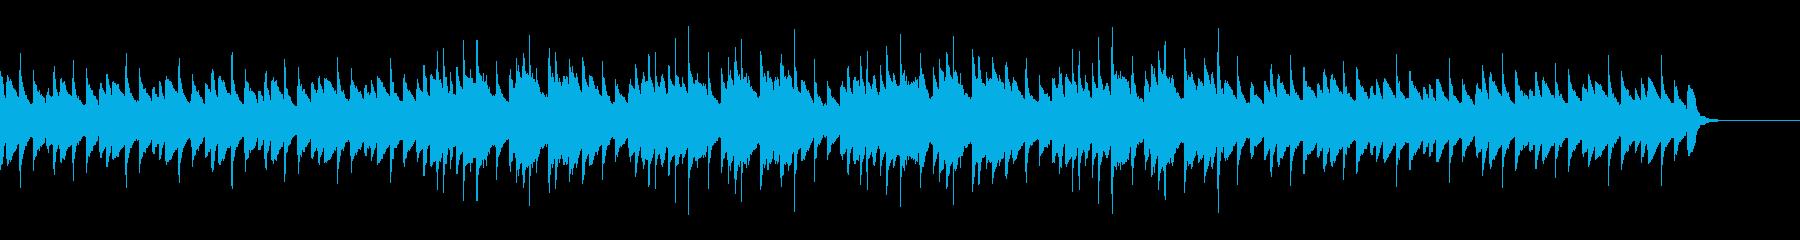 プロローグ、あたたかい想い出の回想シーンの再生済みの波形